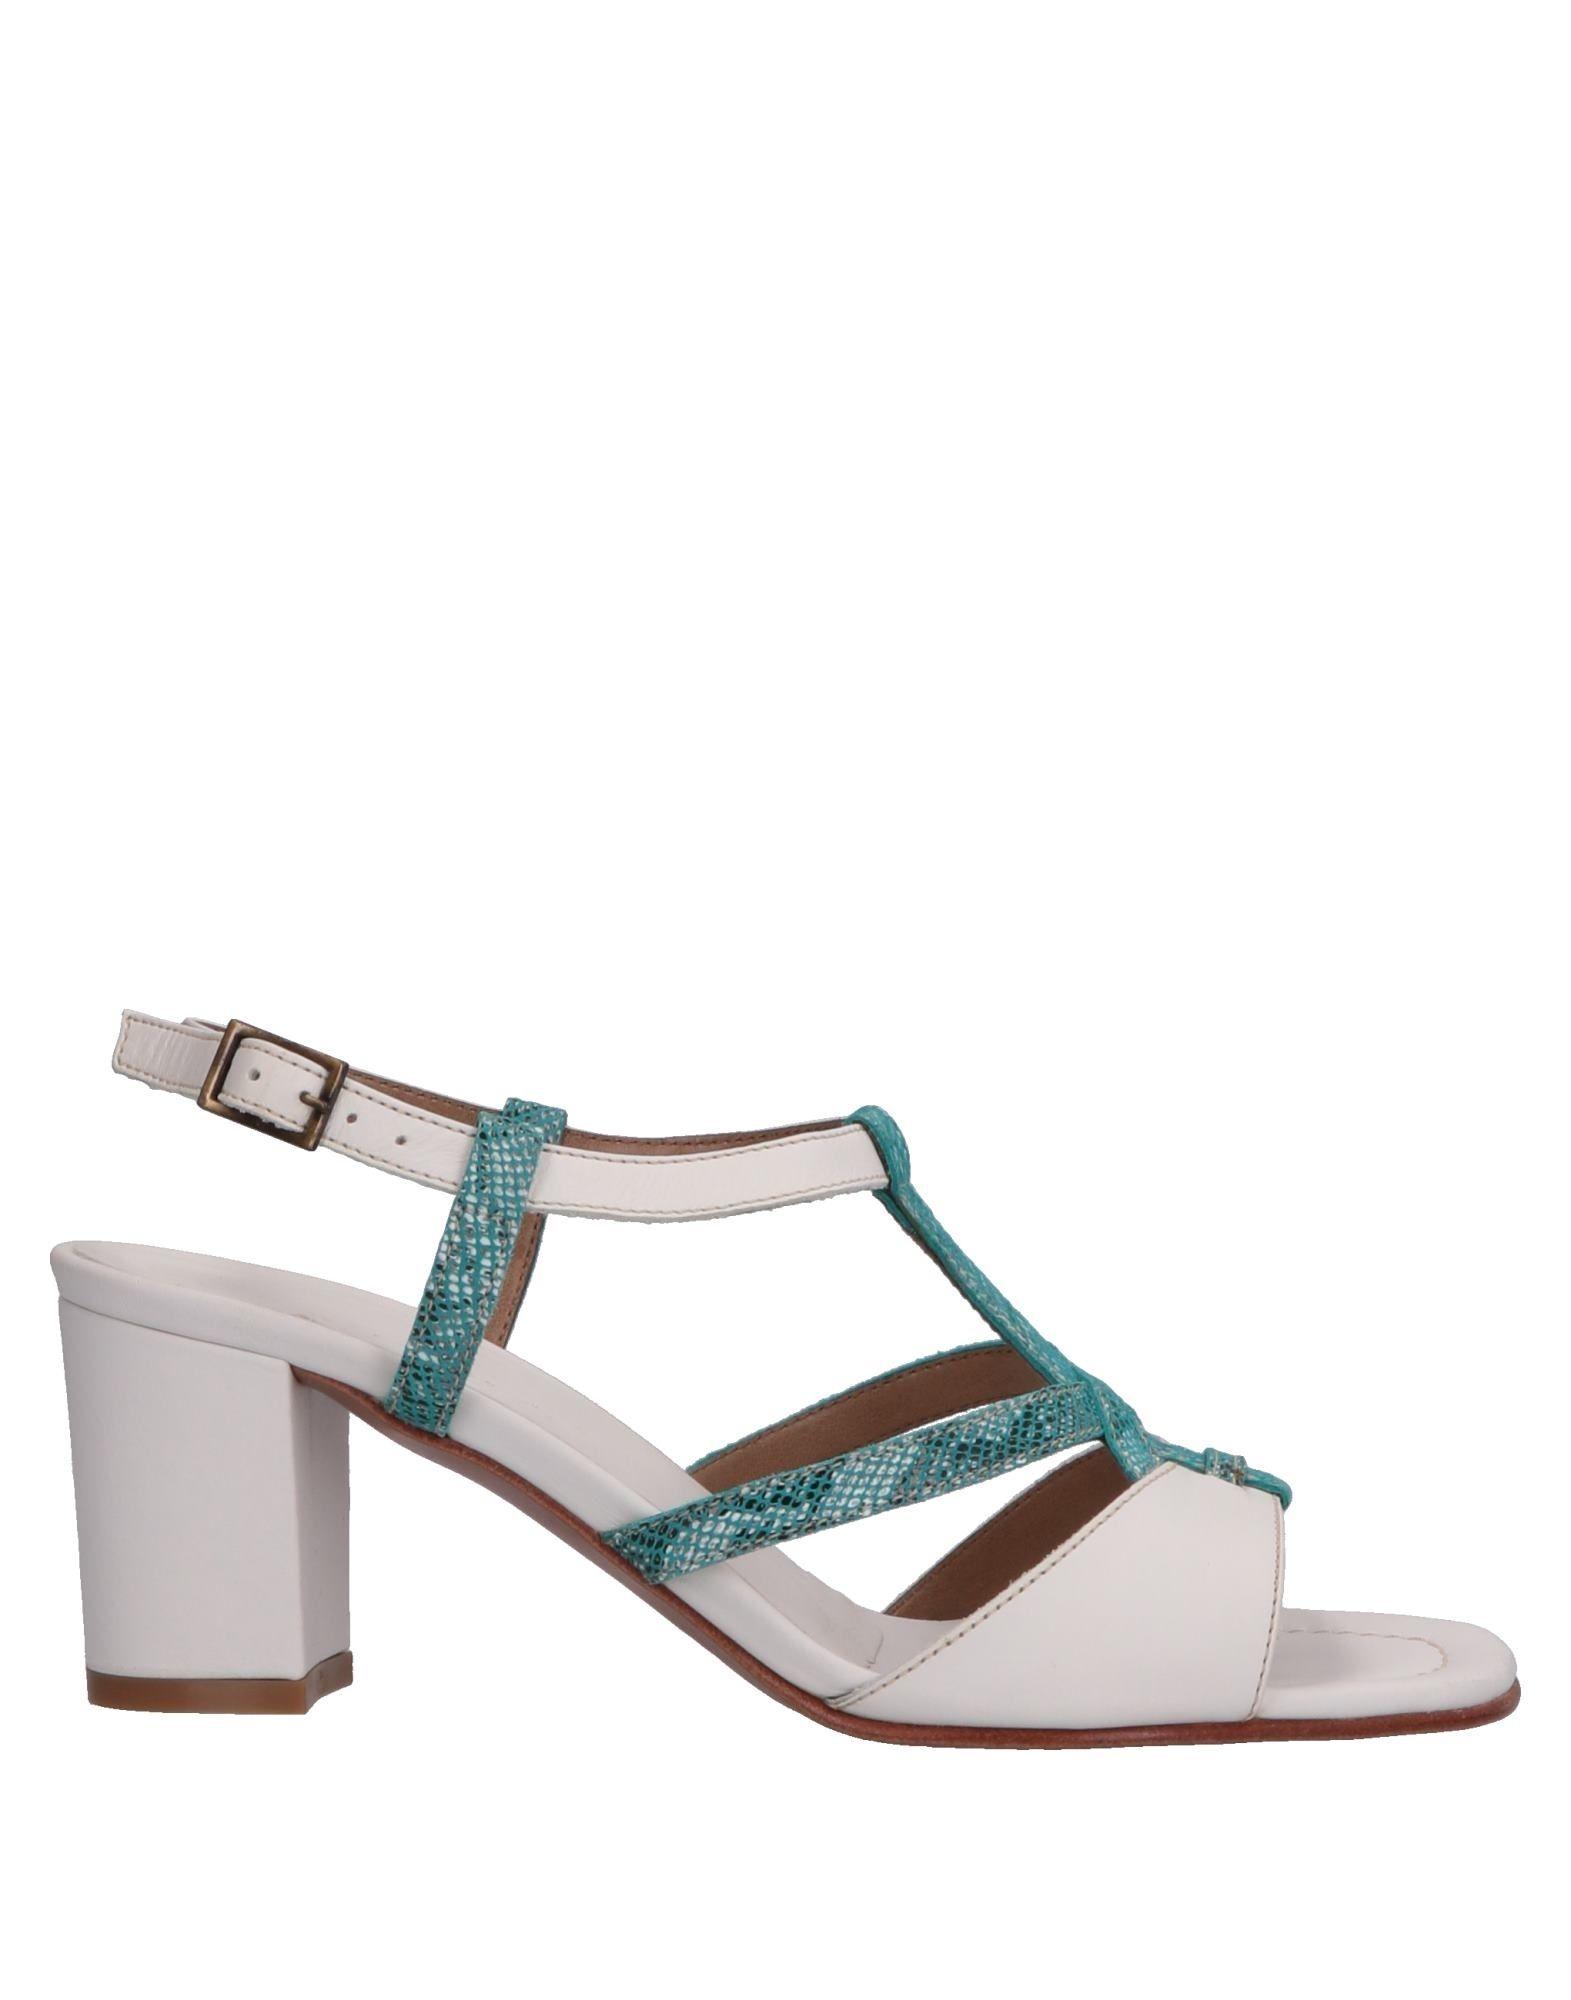 calpierre sandales - femmes calpierre 11579648bq sandales en ligne ligne ligne le royaume - uni - 543779